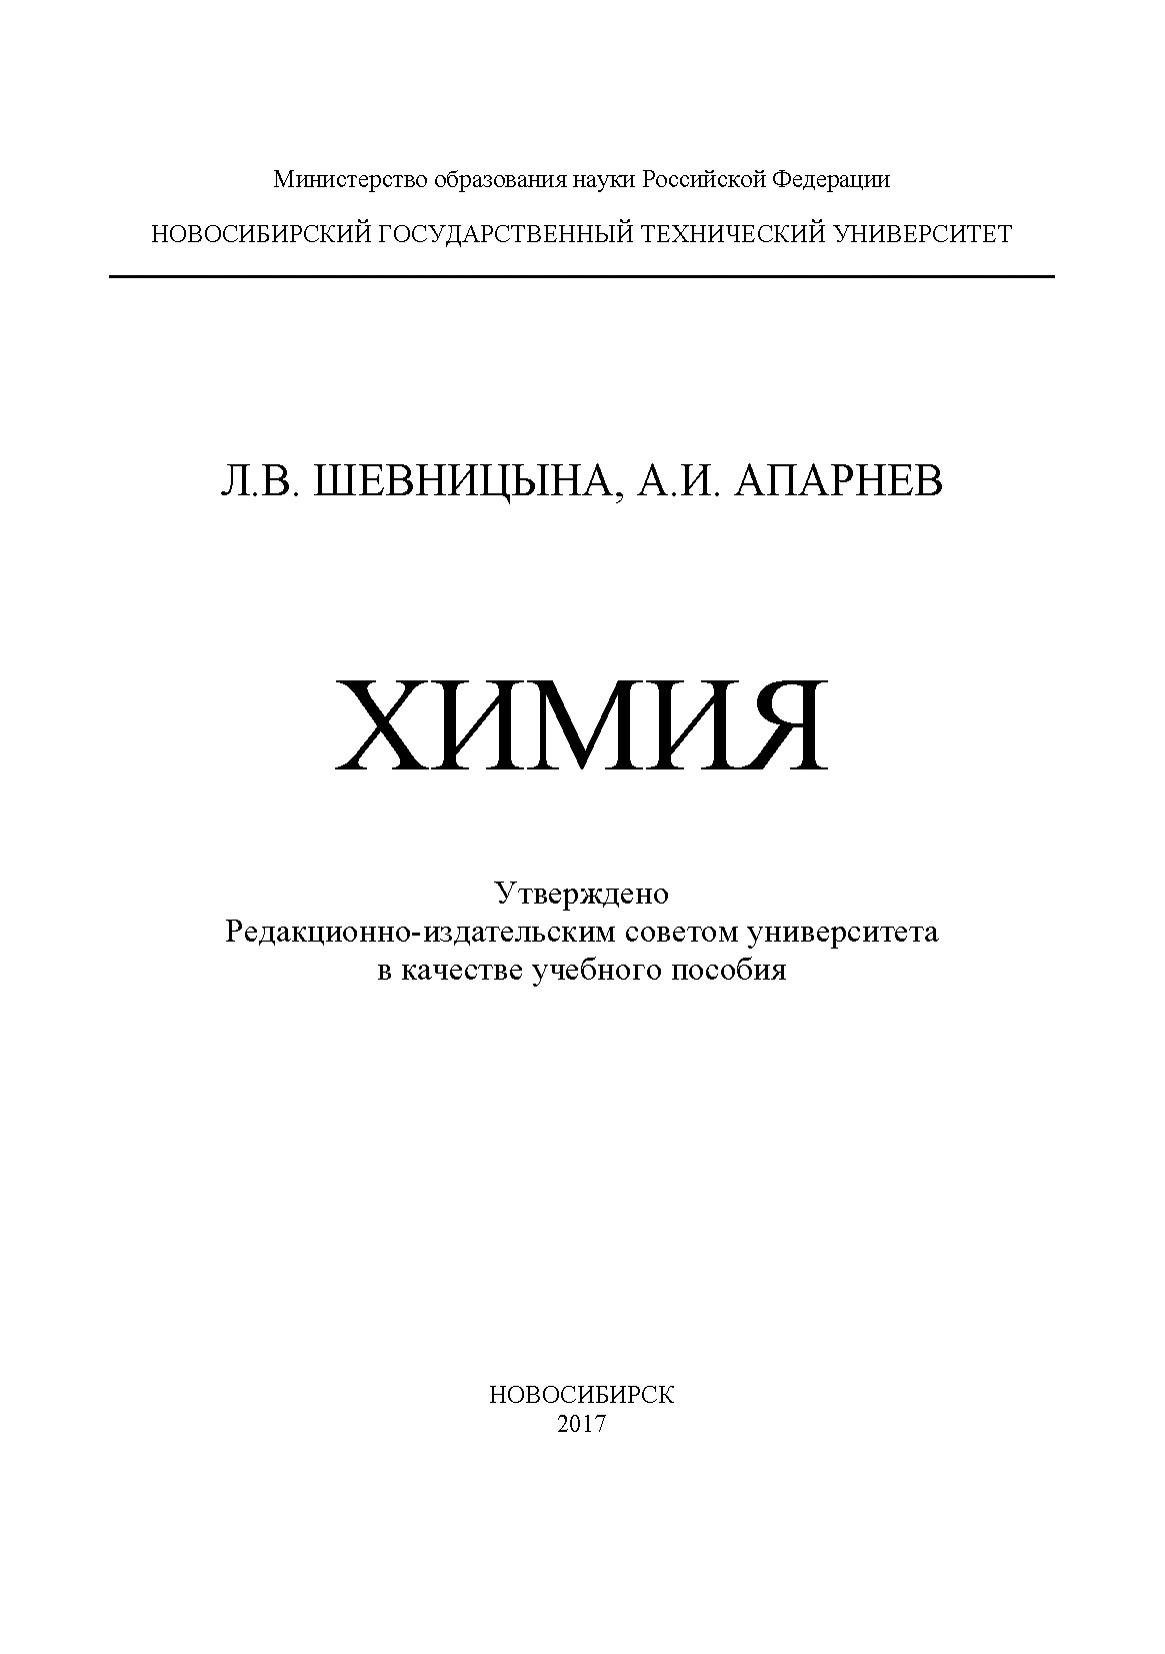 А. И. Апарнев Химия а и апарнев химия сборник задач и упражнений